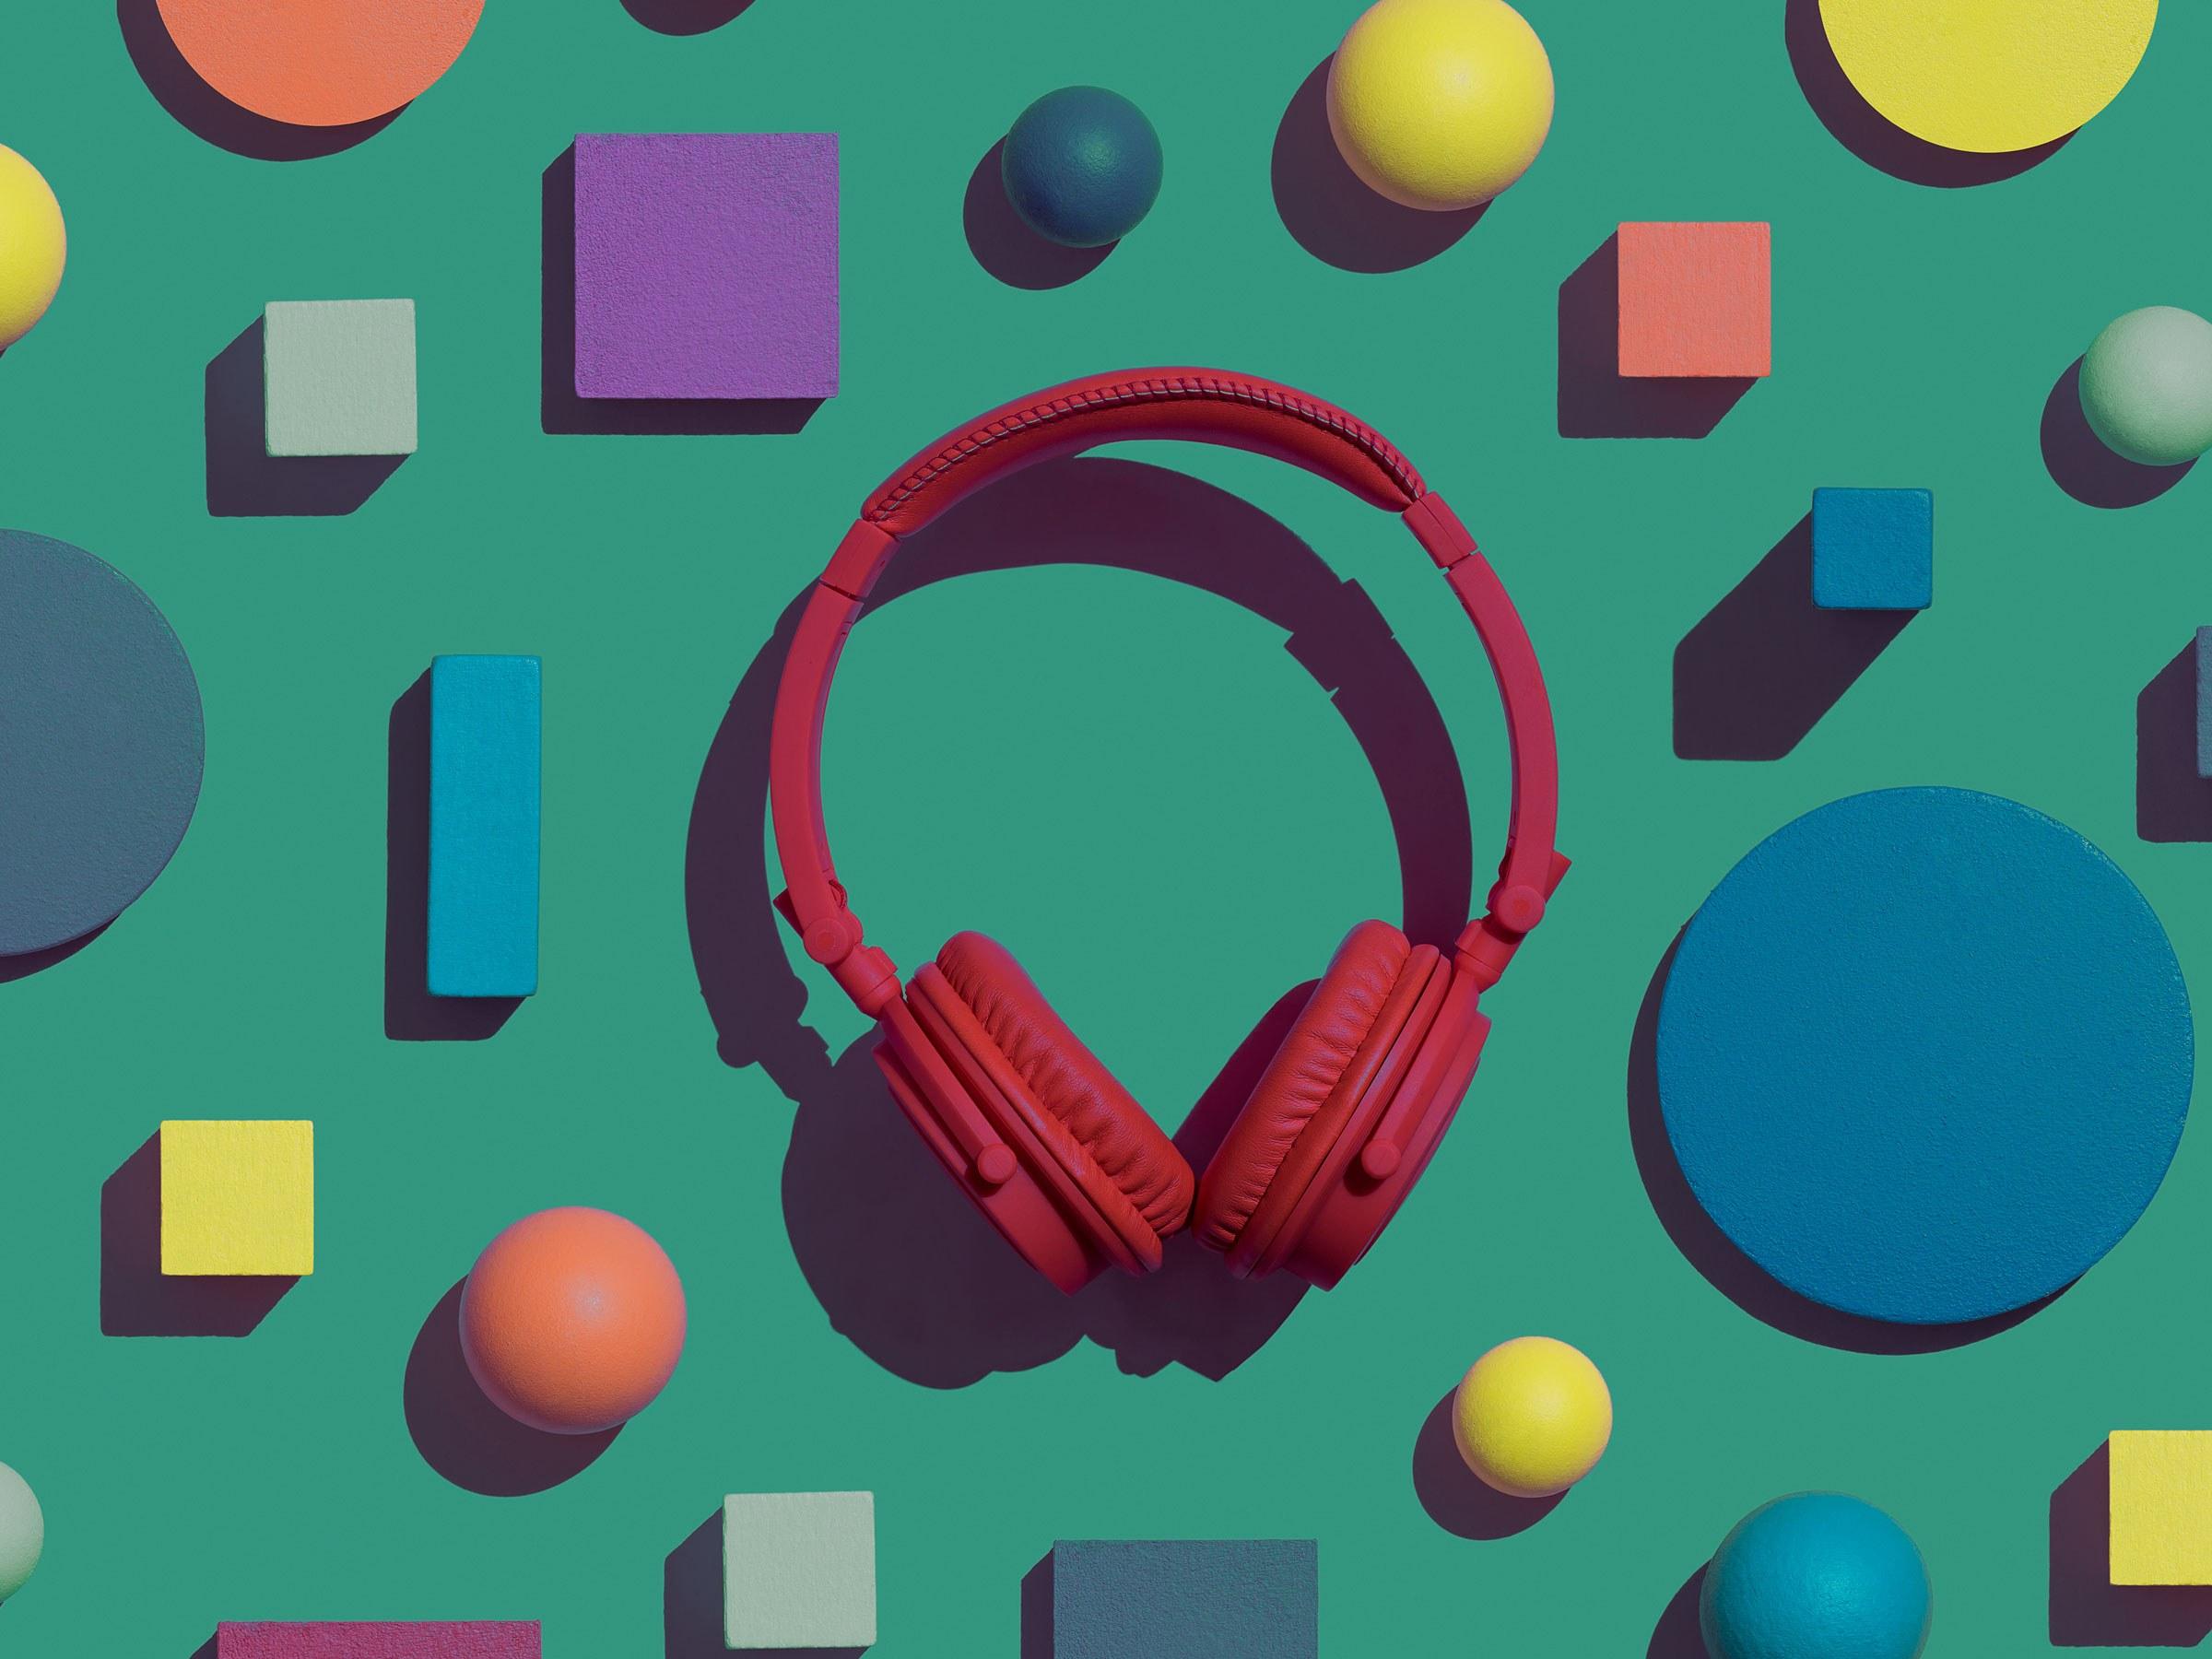 تظهر دراسة أن بعض الموسيقى تبدو مألوفة في مناسبات وسياقات اجتماعية مختلفة حول العالم - لماذا تبدو جميع الأغاني صحيحة النغمة حول العالم رغم اختلافها